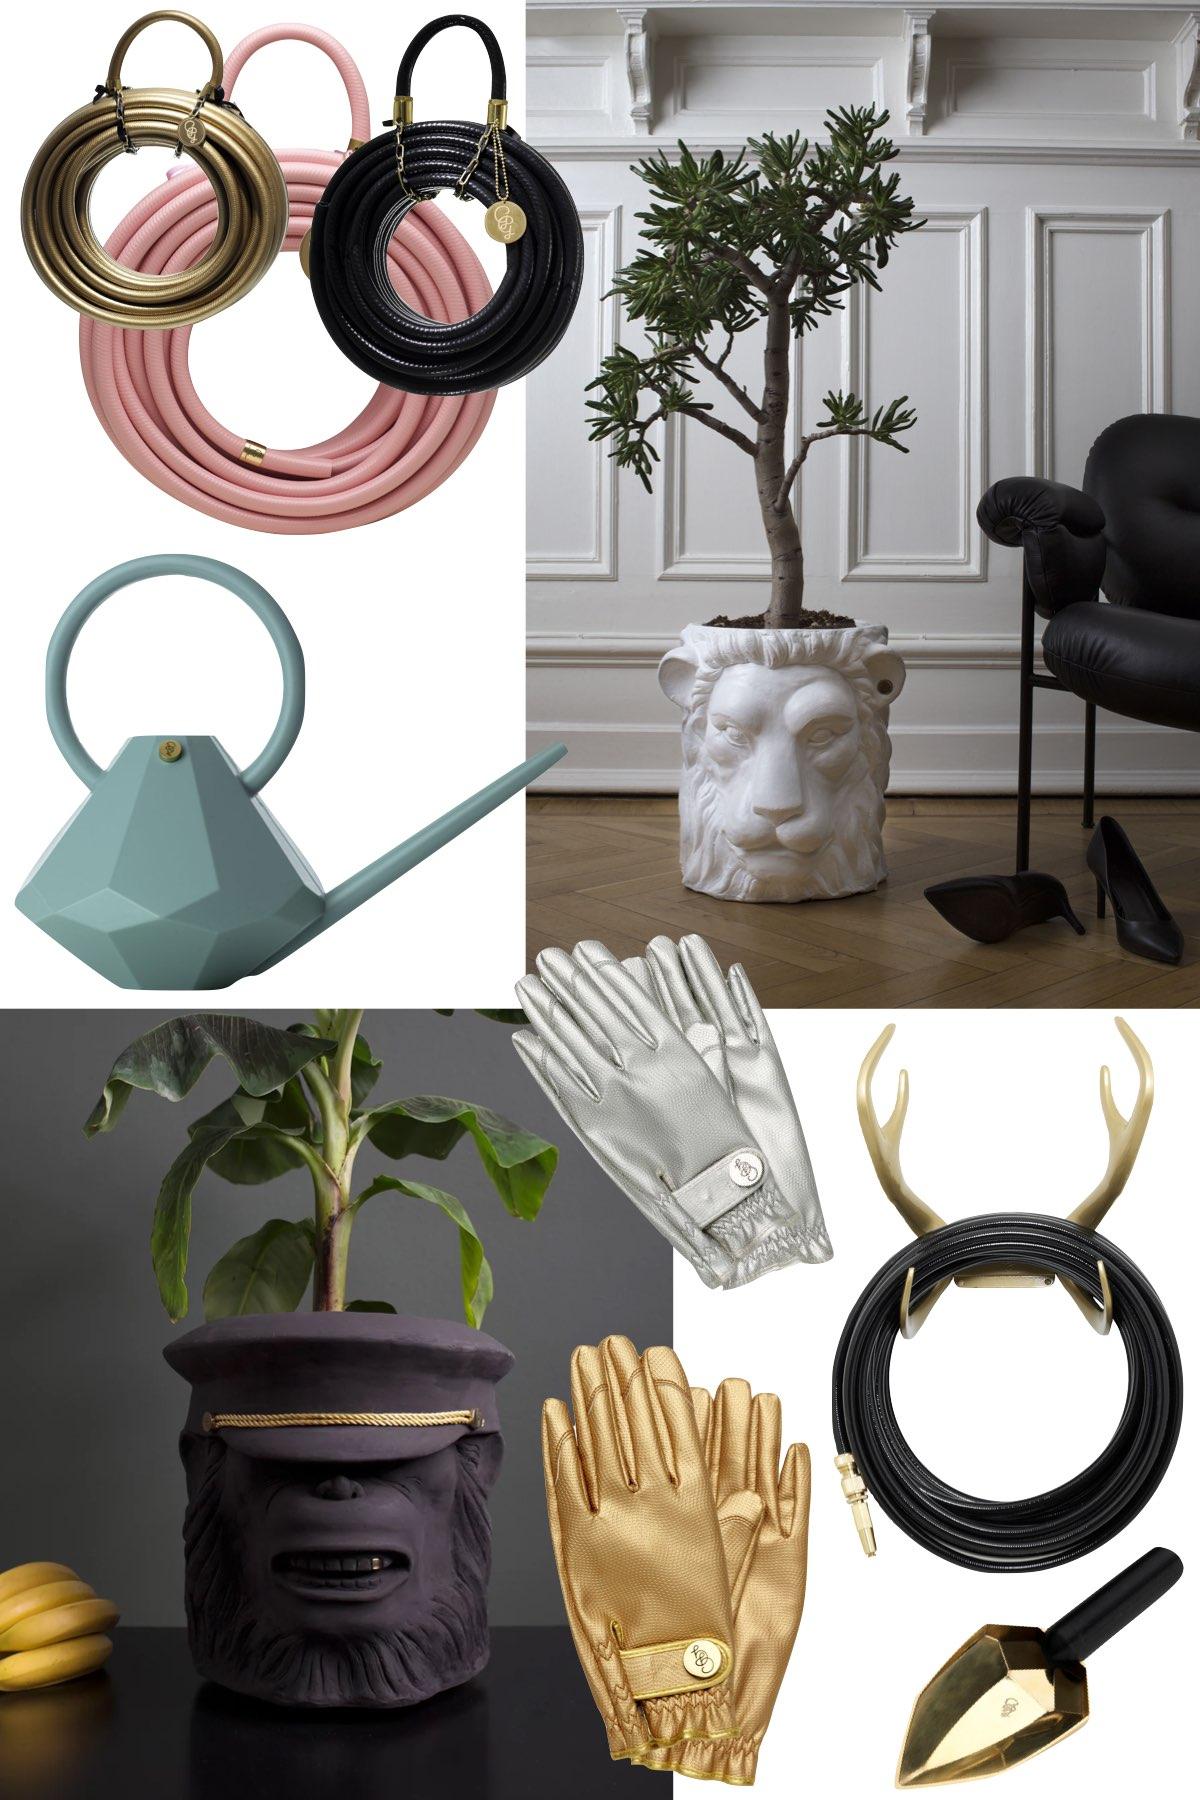 tuyau arrosage original sac bois cerf pot fleur lion singe - blog design - clemaroundthecorner